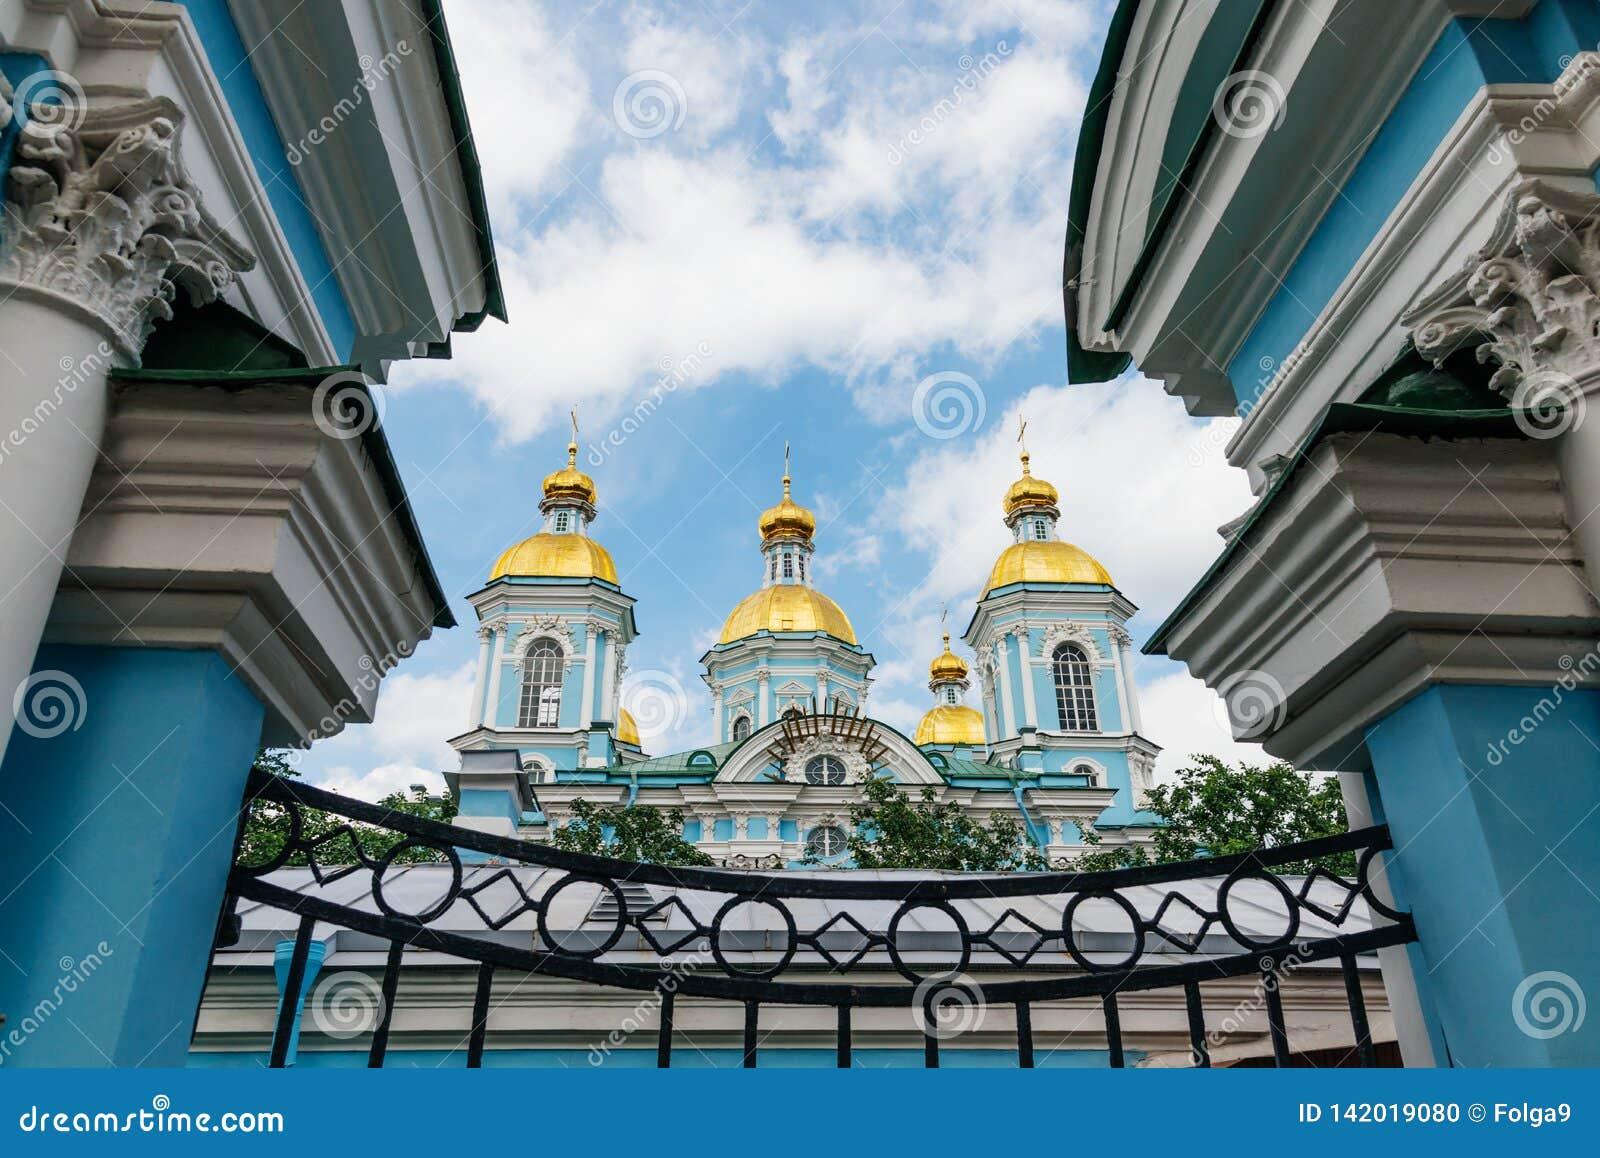 Kopuły świątynia w ramie architektoniczni elementy Objawienie Pańskie Morska katedra w St Petersburg, Rosja